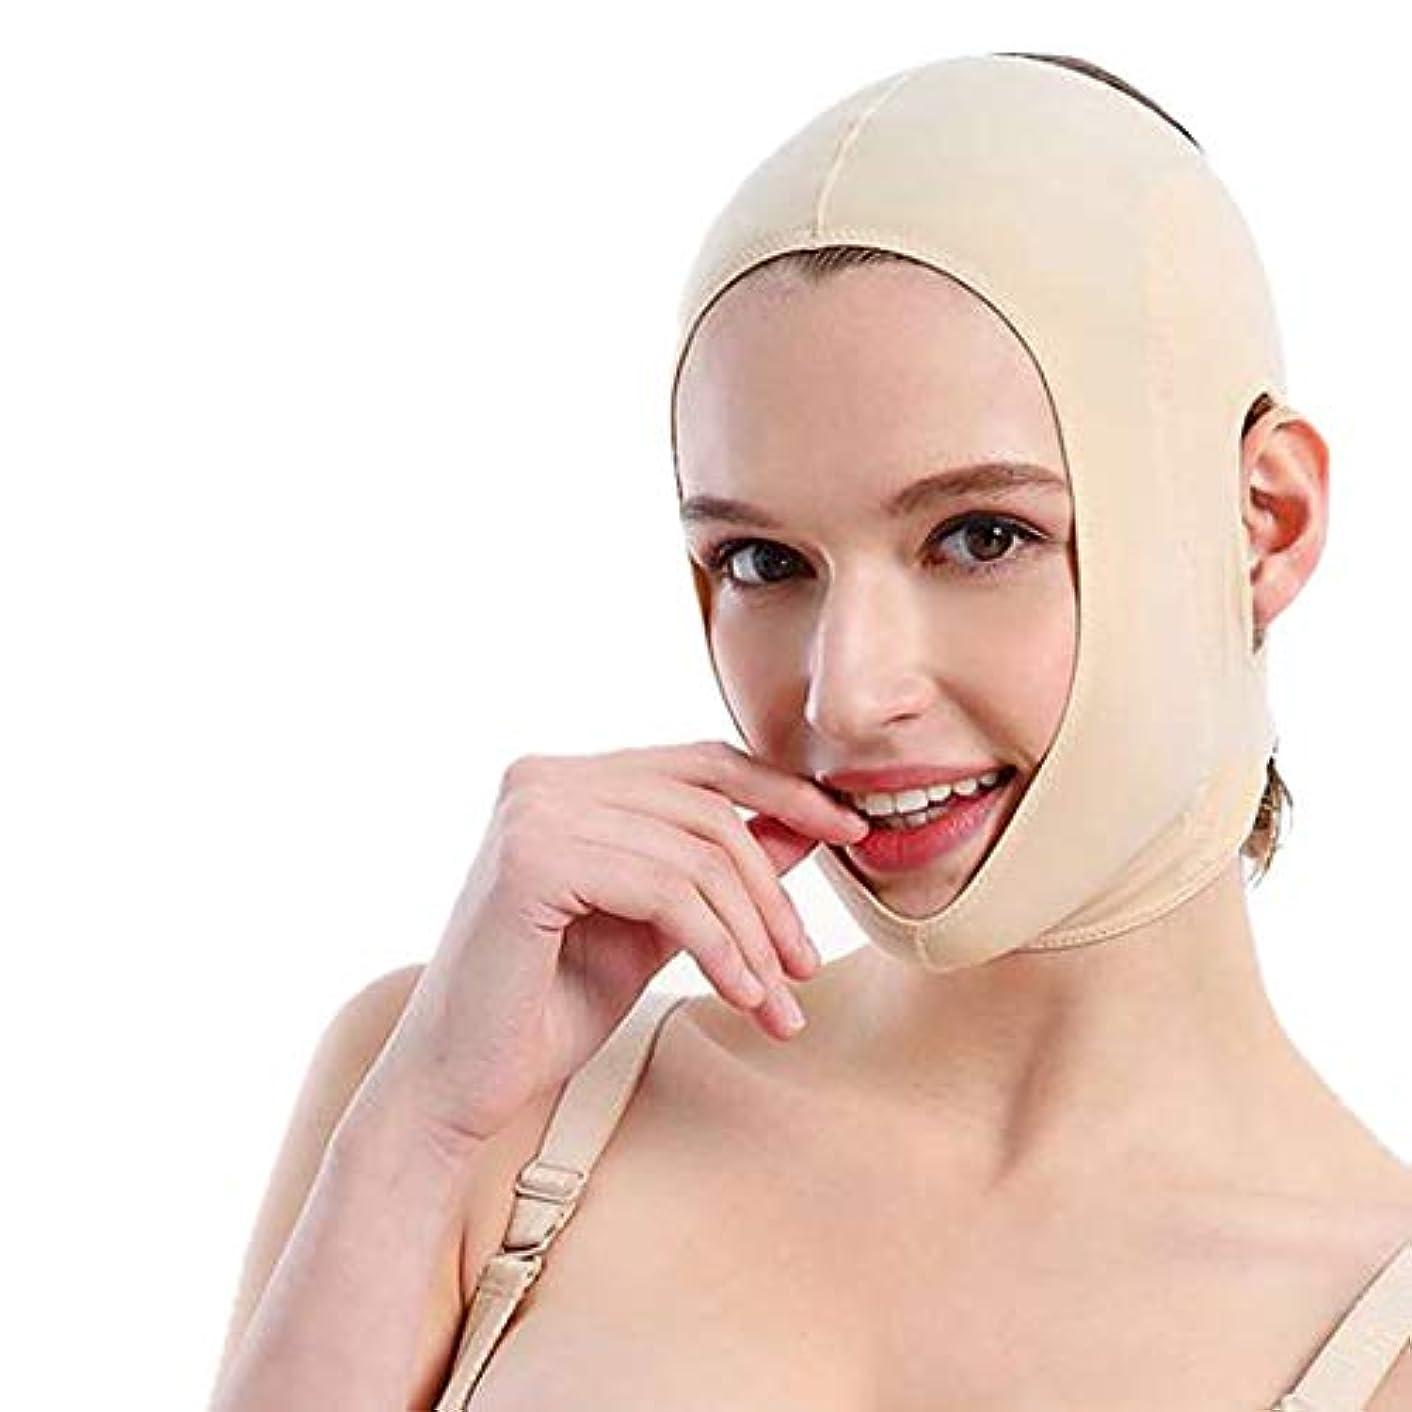 贅沢マサッチョ床を掃除するZWBD フェイスマスク, フェイスリフティング包帯フェイスカービングフィジカルエリミネーションボーンスモールVフェイスダブルチンビューティマスク包帯リフティング引き締め (Size : M)